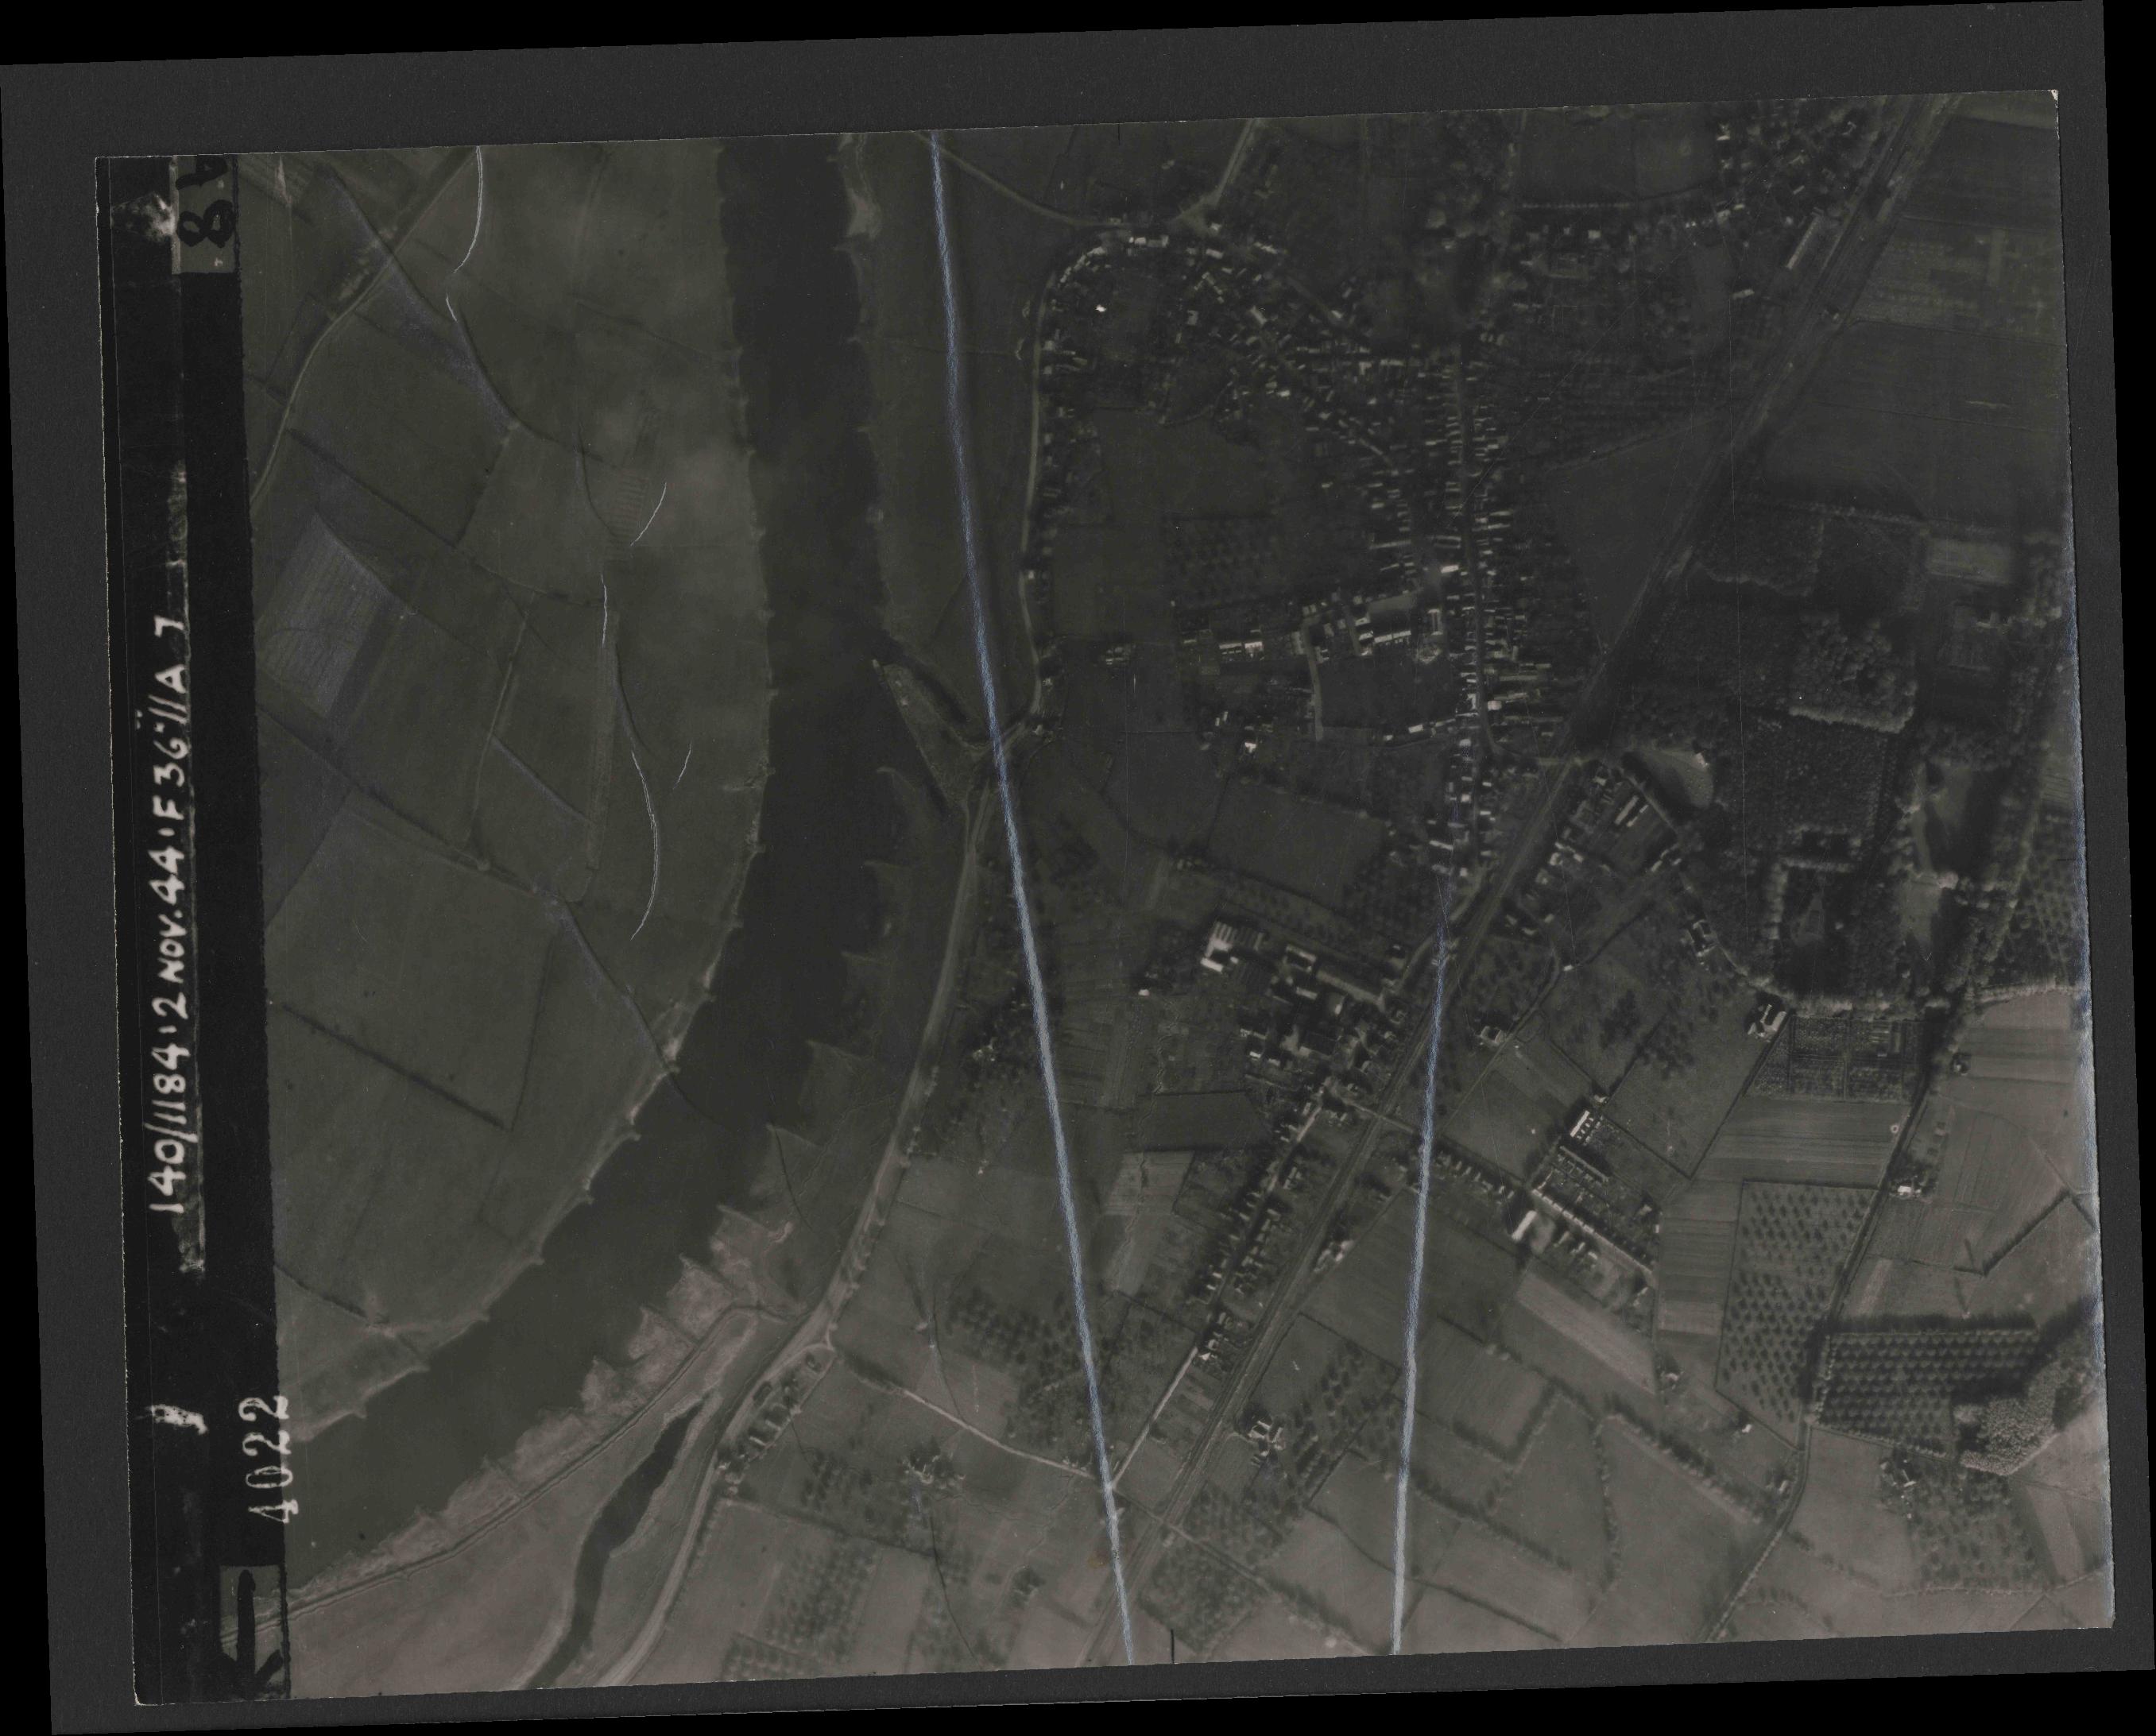 Collection RAF aerial photos 1940-1945 - flight 228, run 12, photo 4022